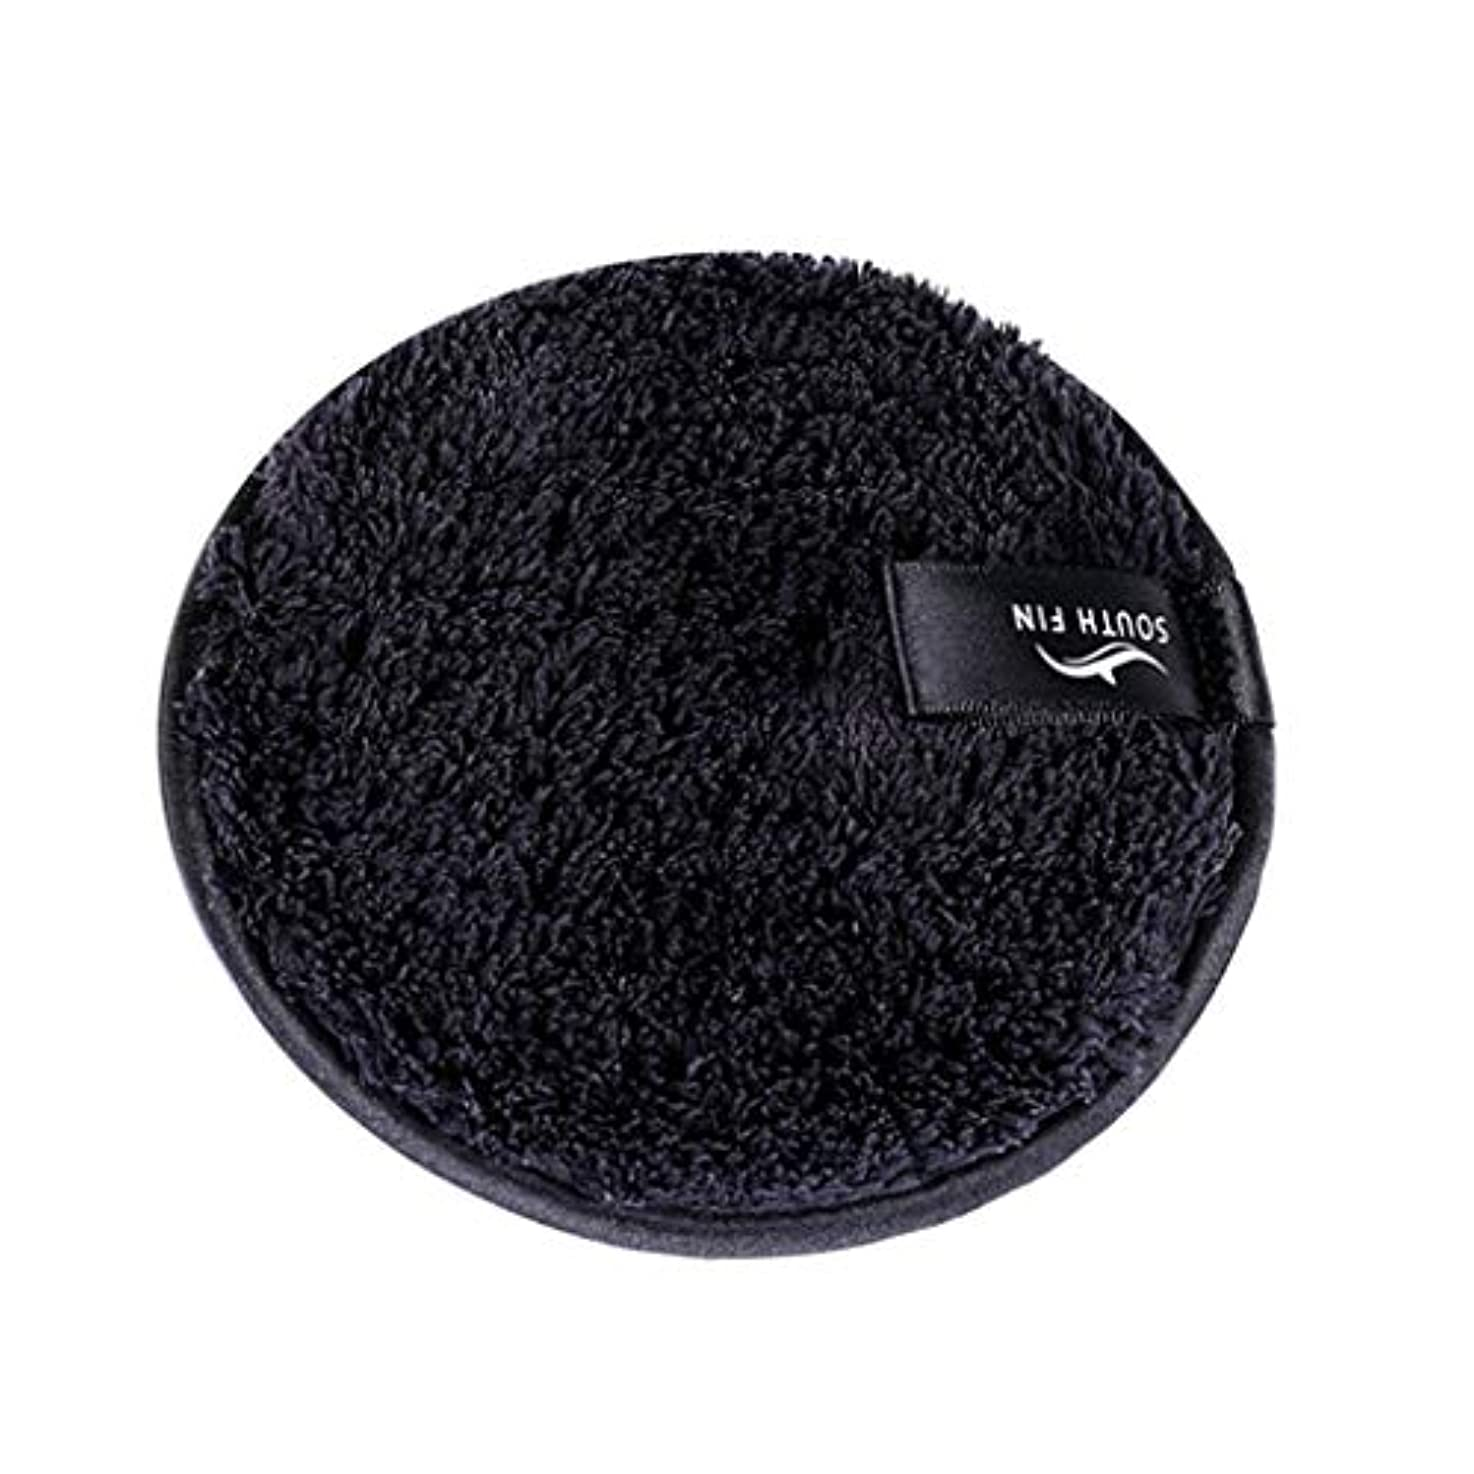 累計徴収歴史的メイクリムーバー スポンジ パッド クレンジングパフ 洗顔 スキンケア 3色選べ - ブラック